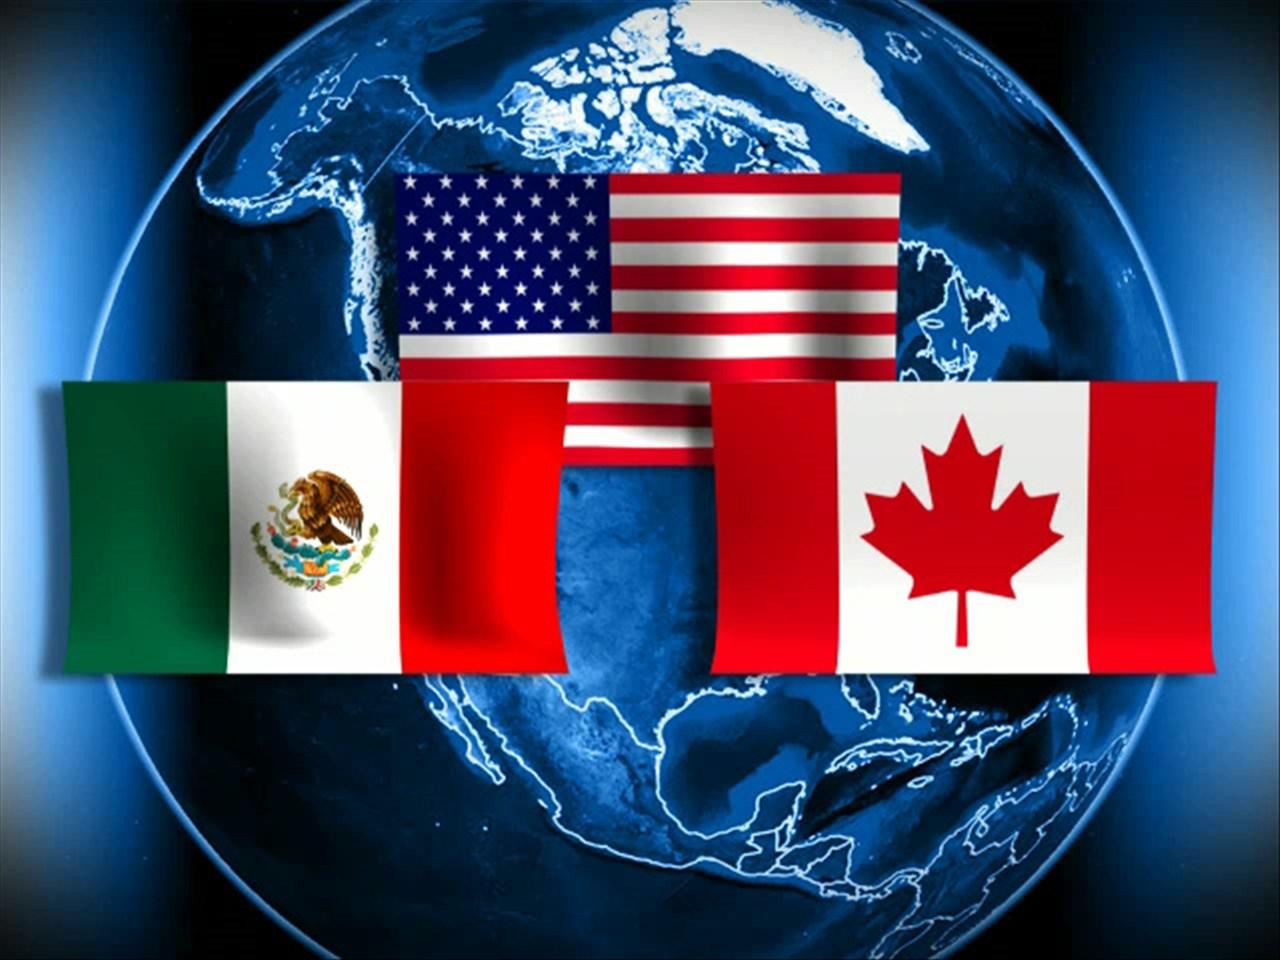 NAFTA_1528758987033.jpg